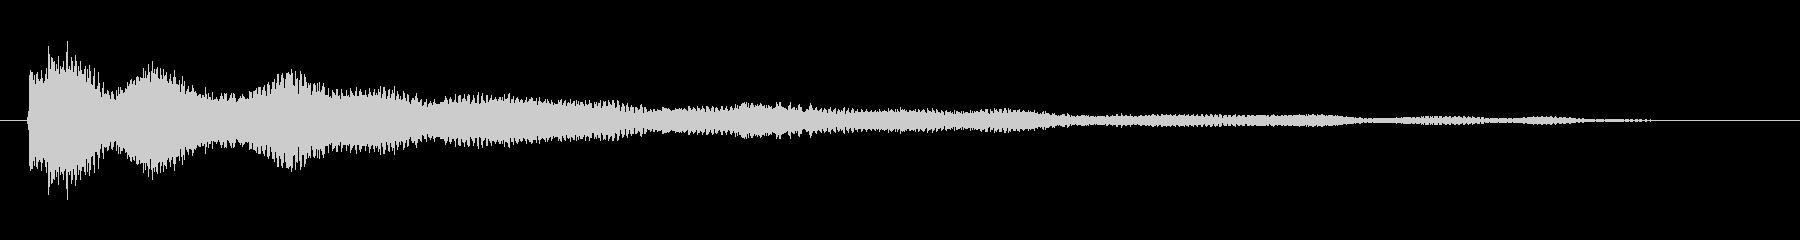 擬音【らりらん〜ぽわぽわ】【エンコード…の未再生の波形